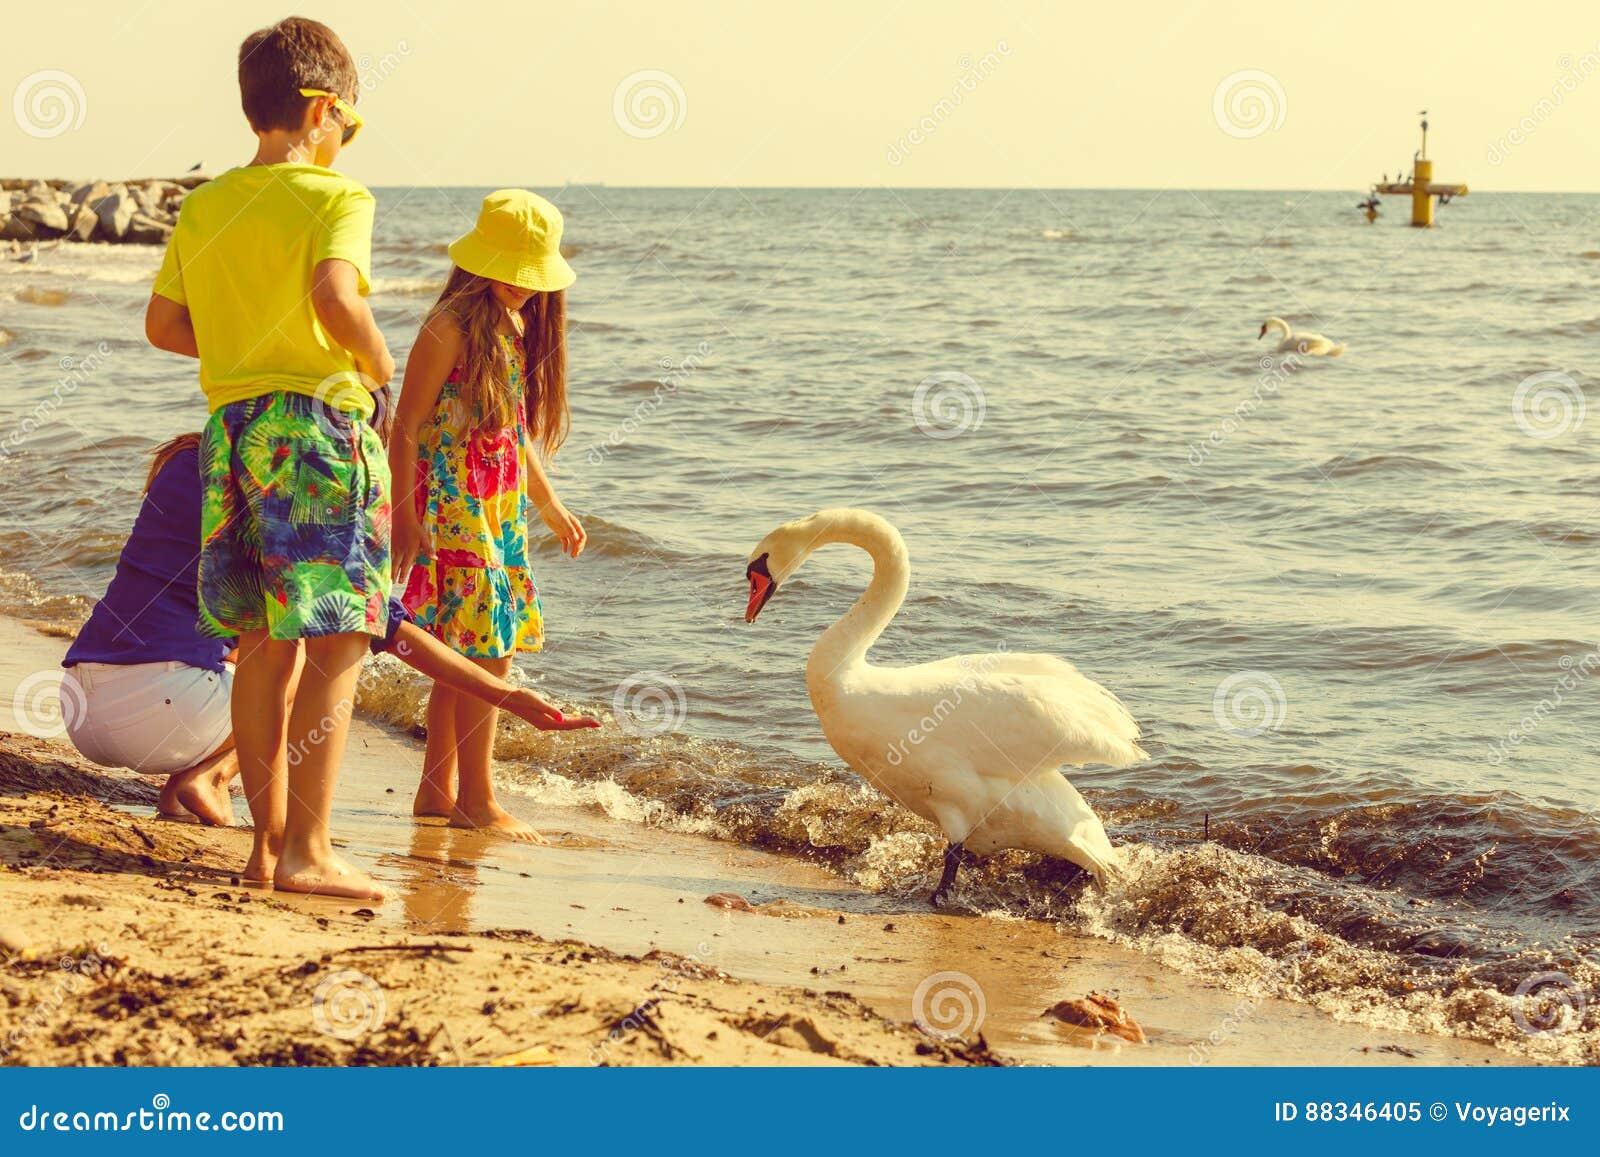 Παίζοντας με ένα μεγάλο πουλί